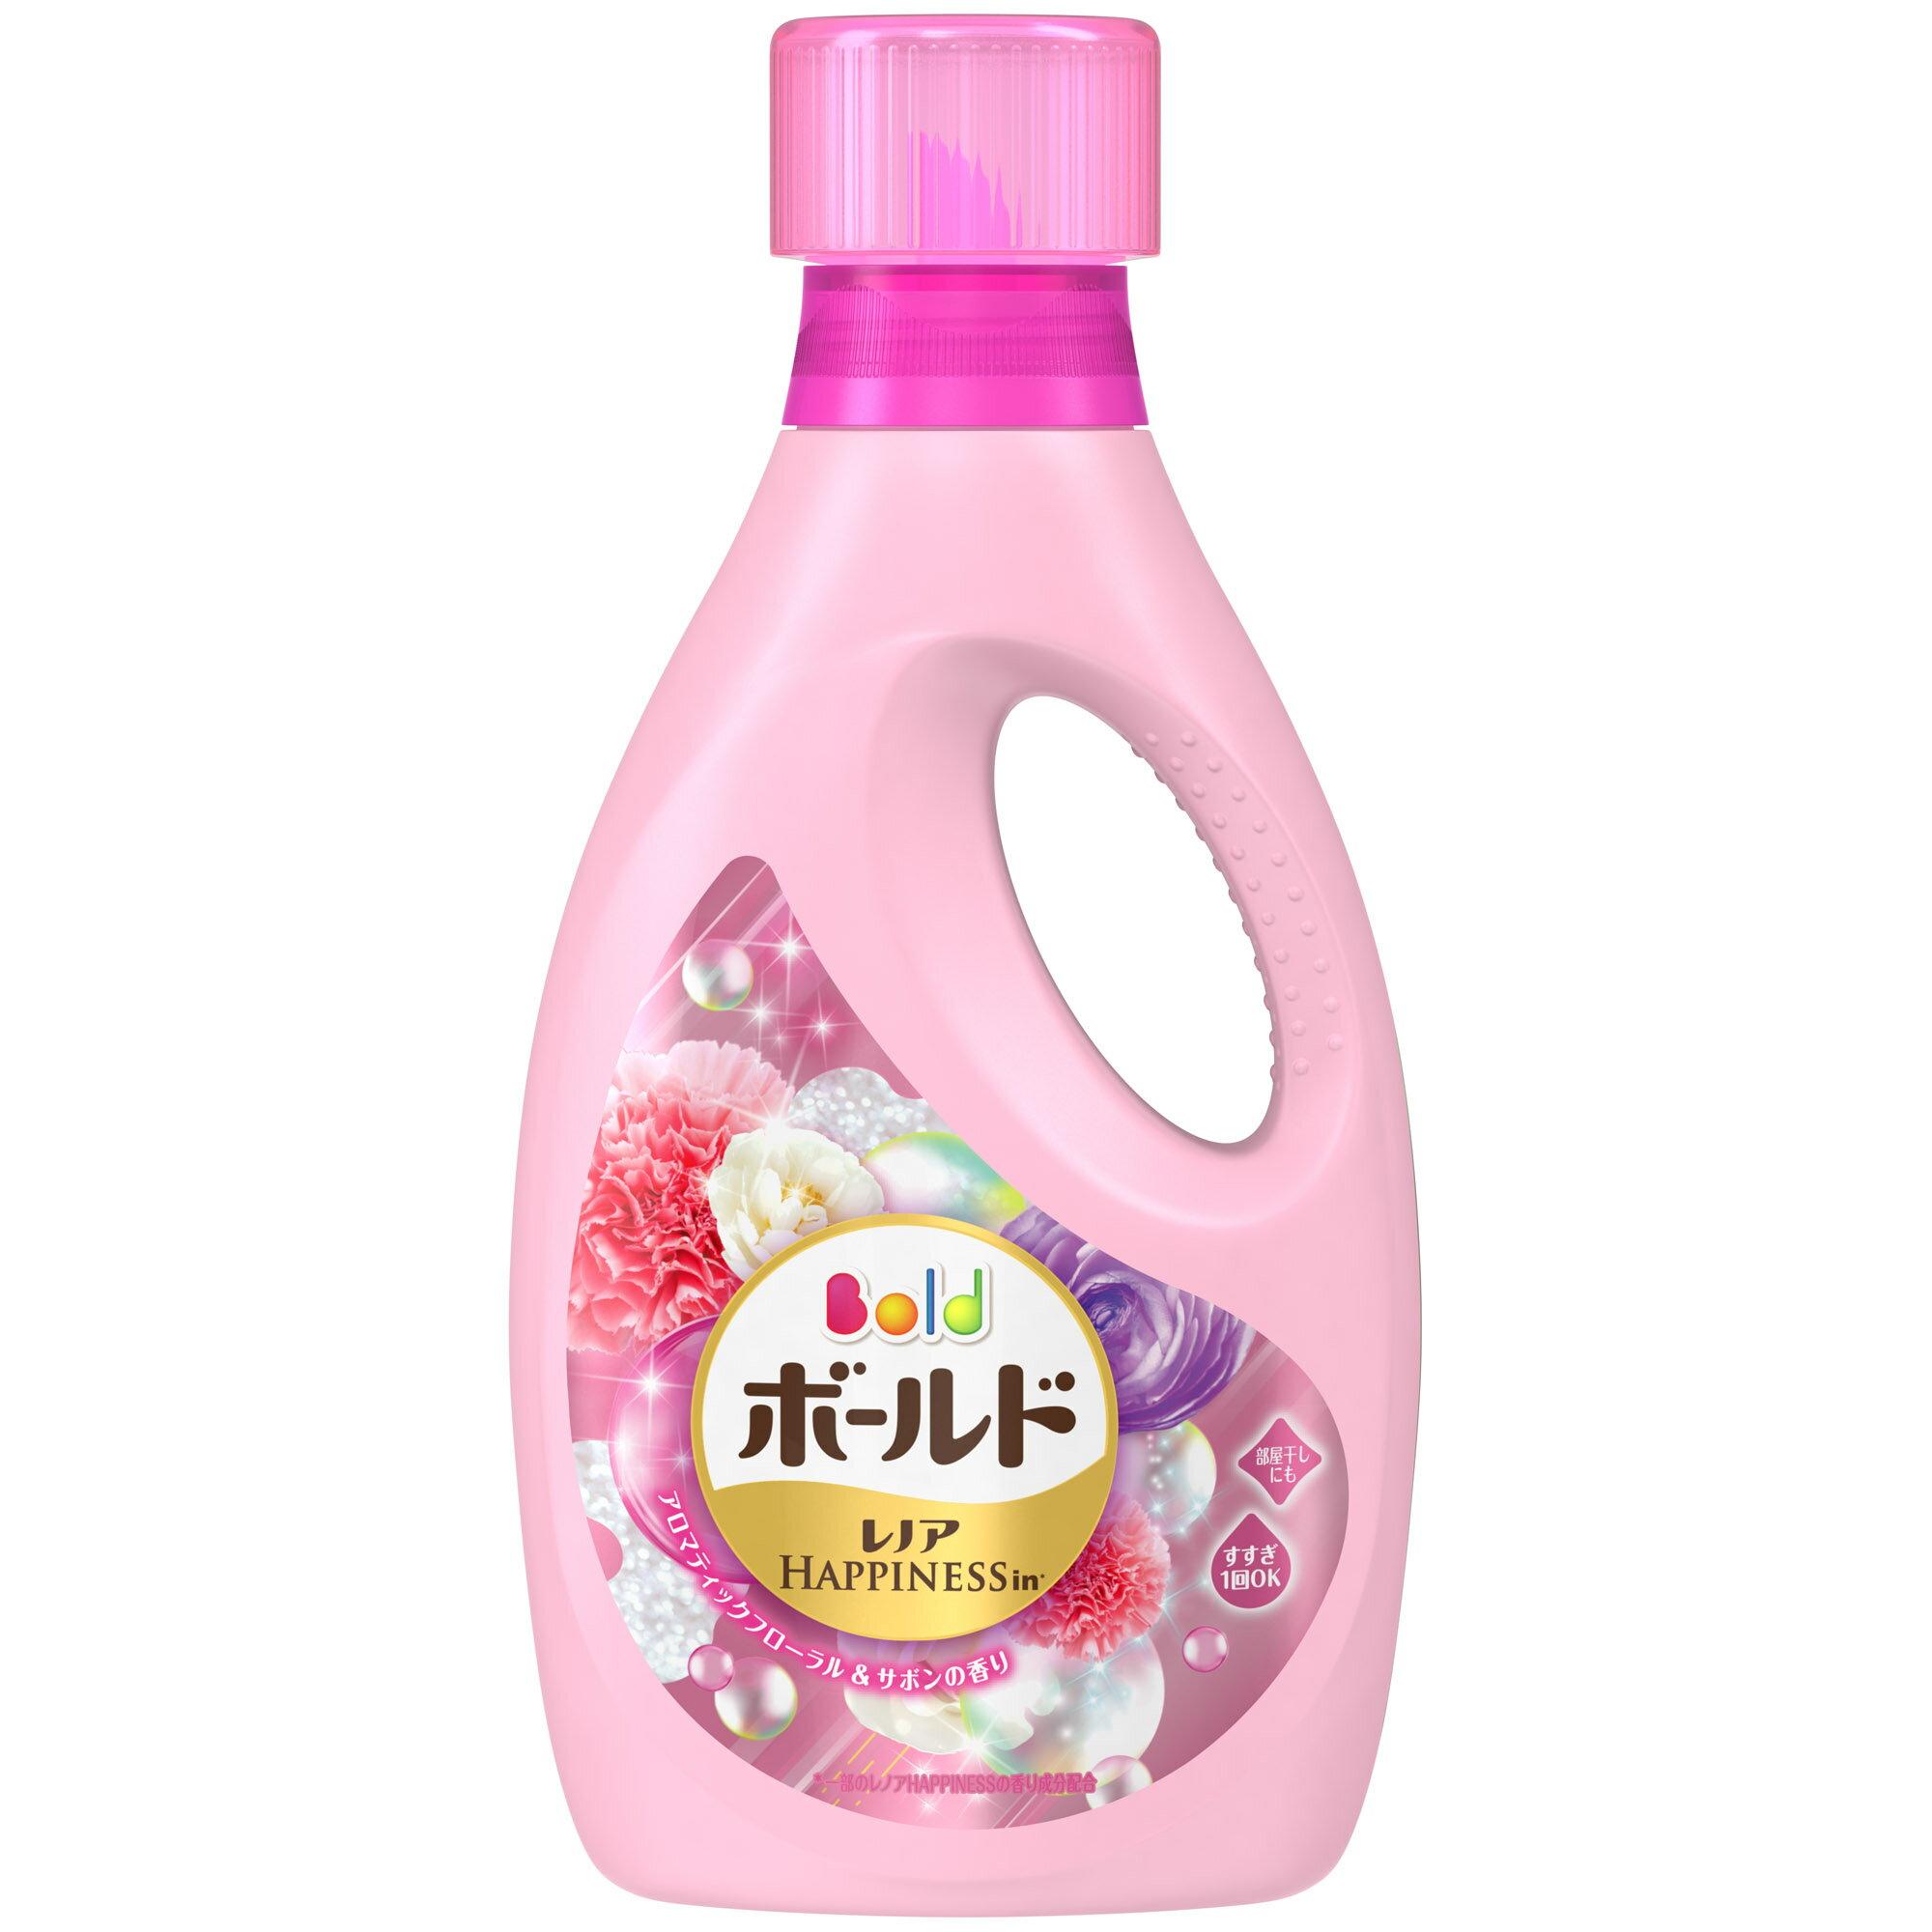 日本P&G Bold 香氛柔軟洗衣精 850g 白牡丹花香 -日本必買